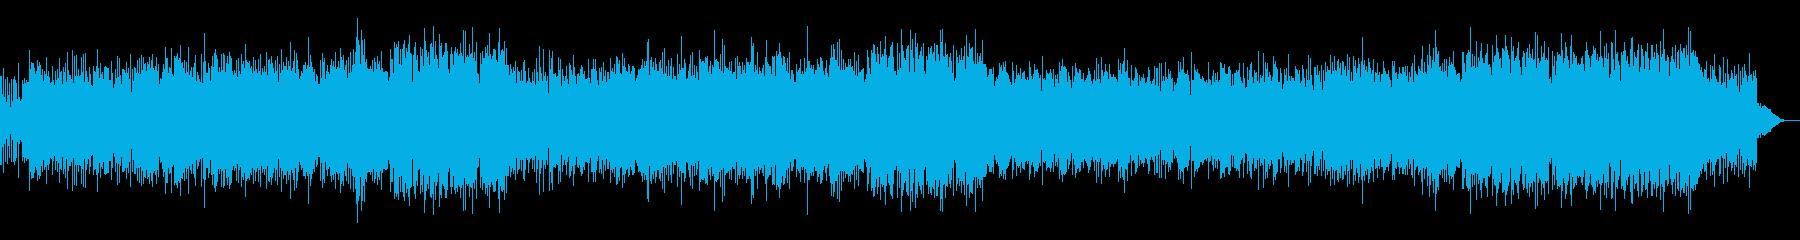 キャッチーな洋楽ポップスの再生済みの波形